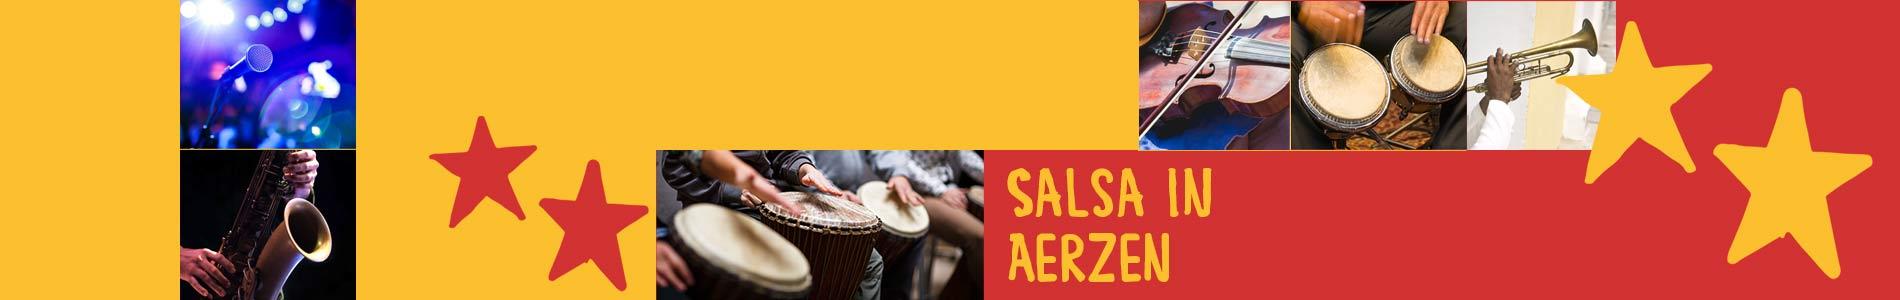 Salsa in Aerzen – Salsa lernen und tanzen, Tanzkurse, Partys, Veranstaltungen